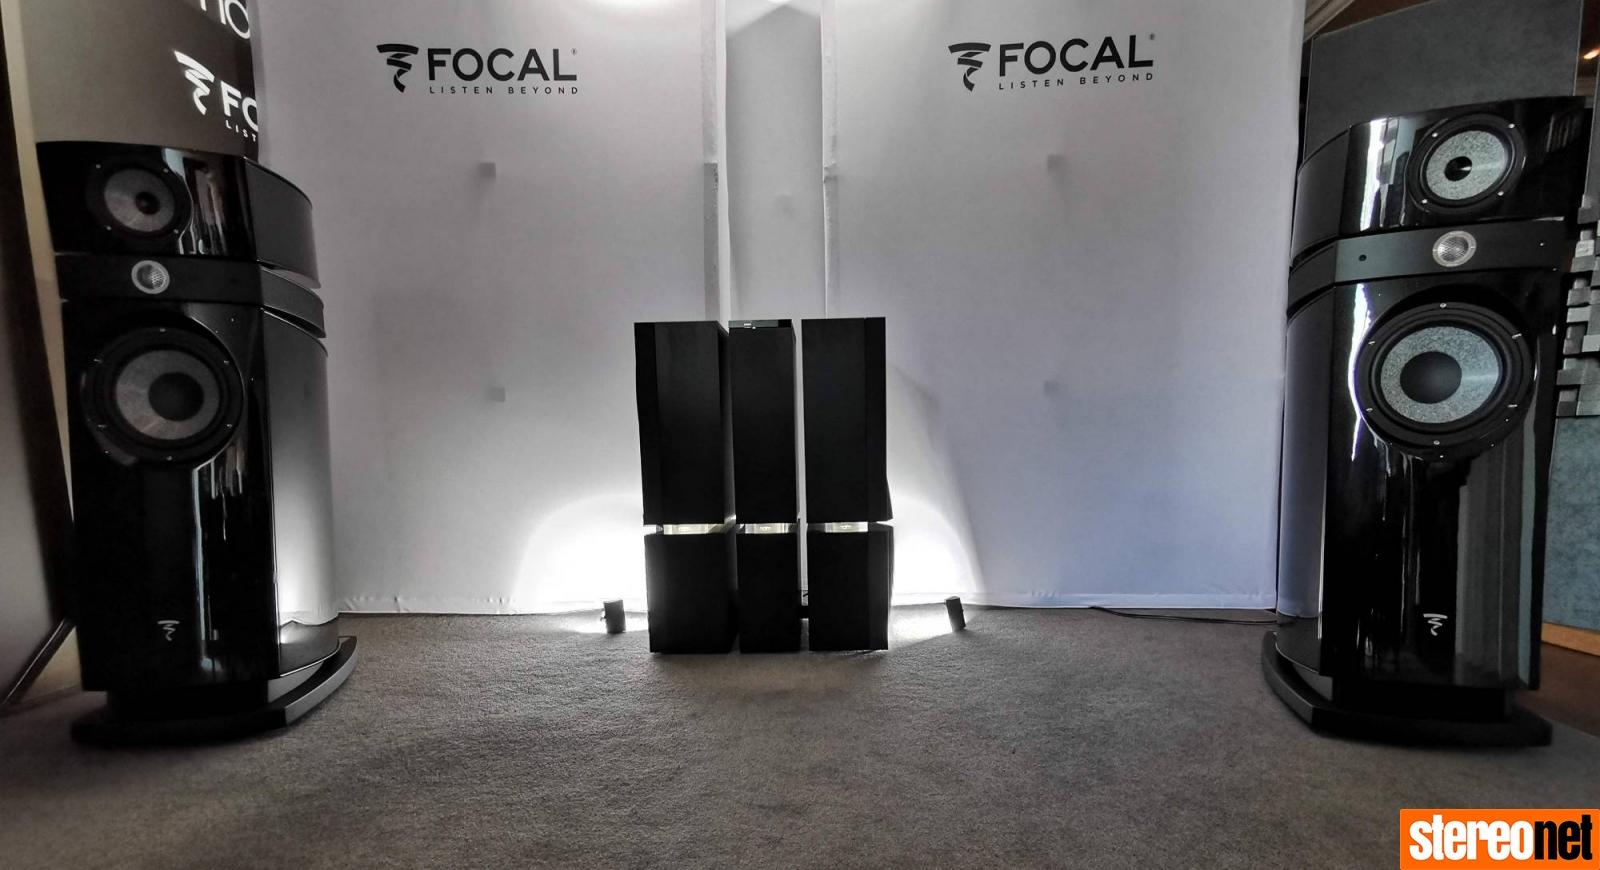 Naim Focal Bristol hifi show 2020 report